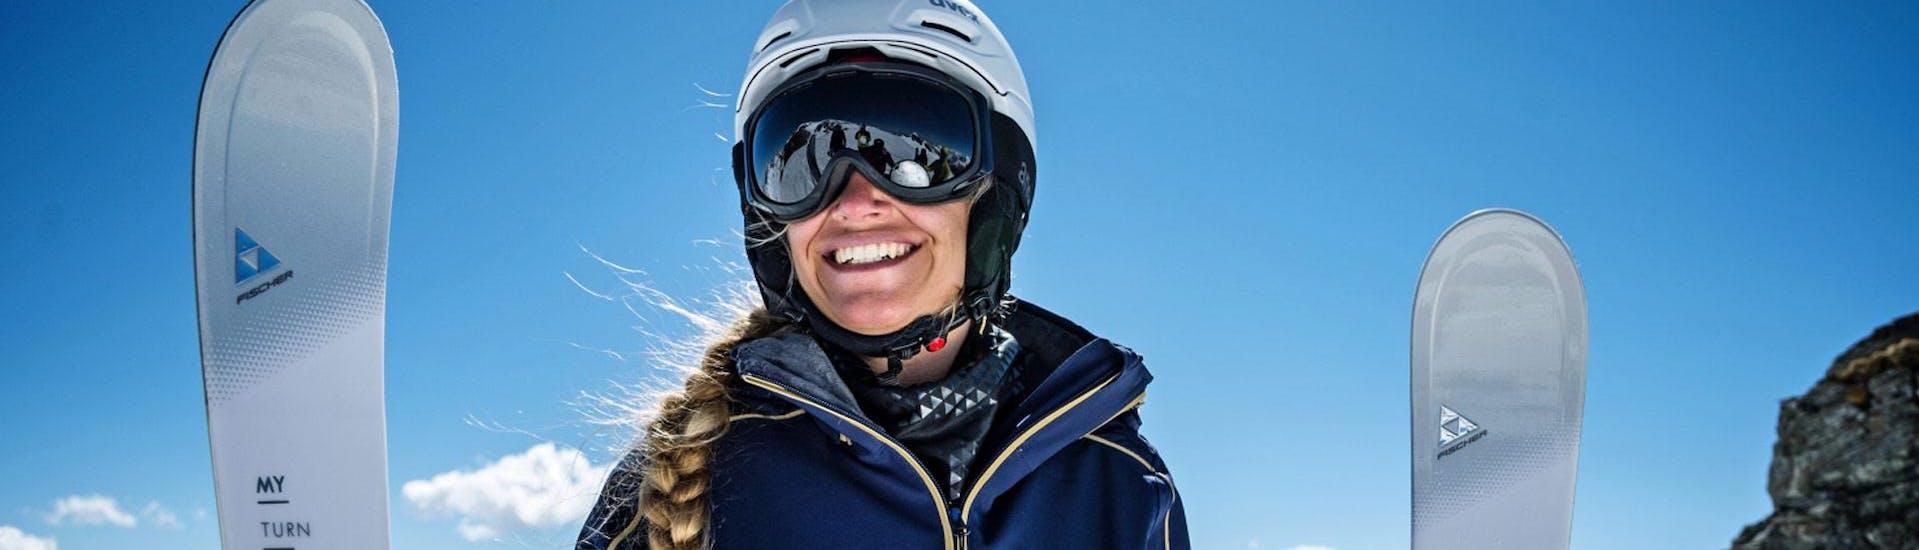 Skikurs für Erwachsene für Anfänger - Wochenende